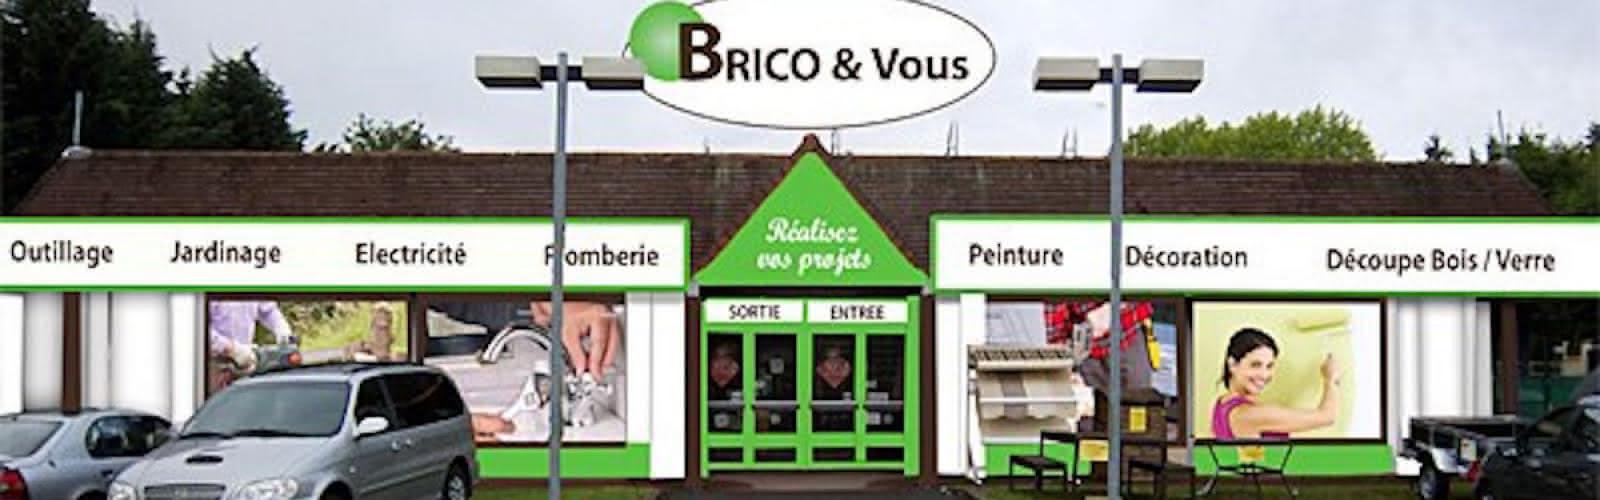 Brico & vous